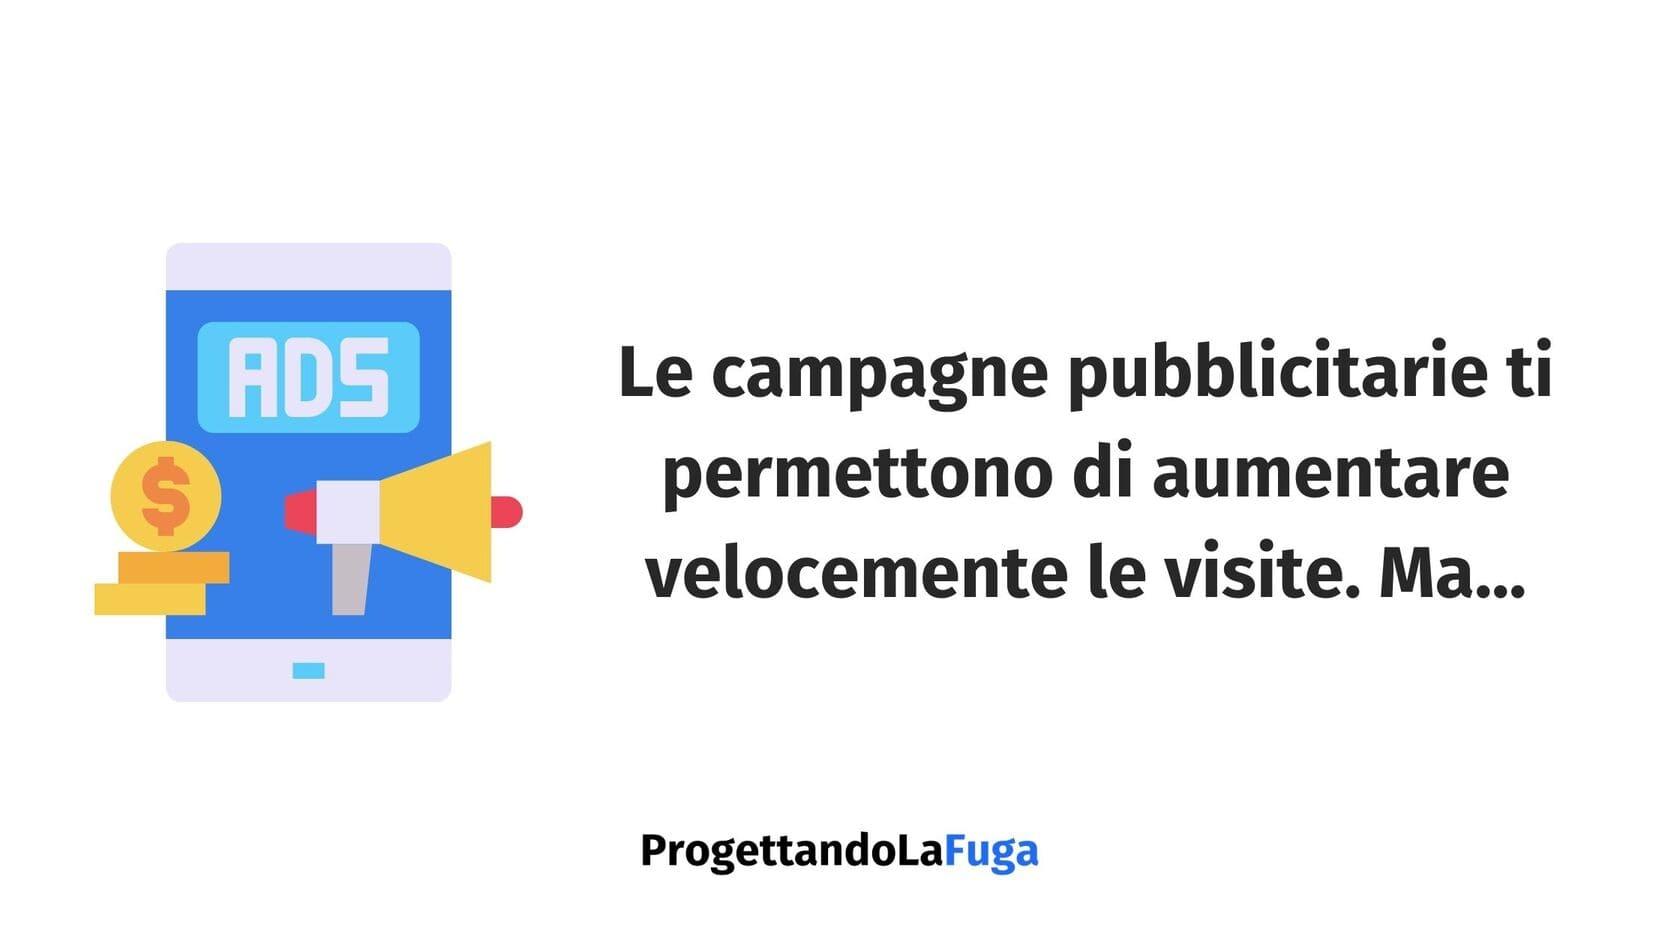 aumentare le visite con le campagne pubblicitarie